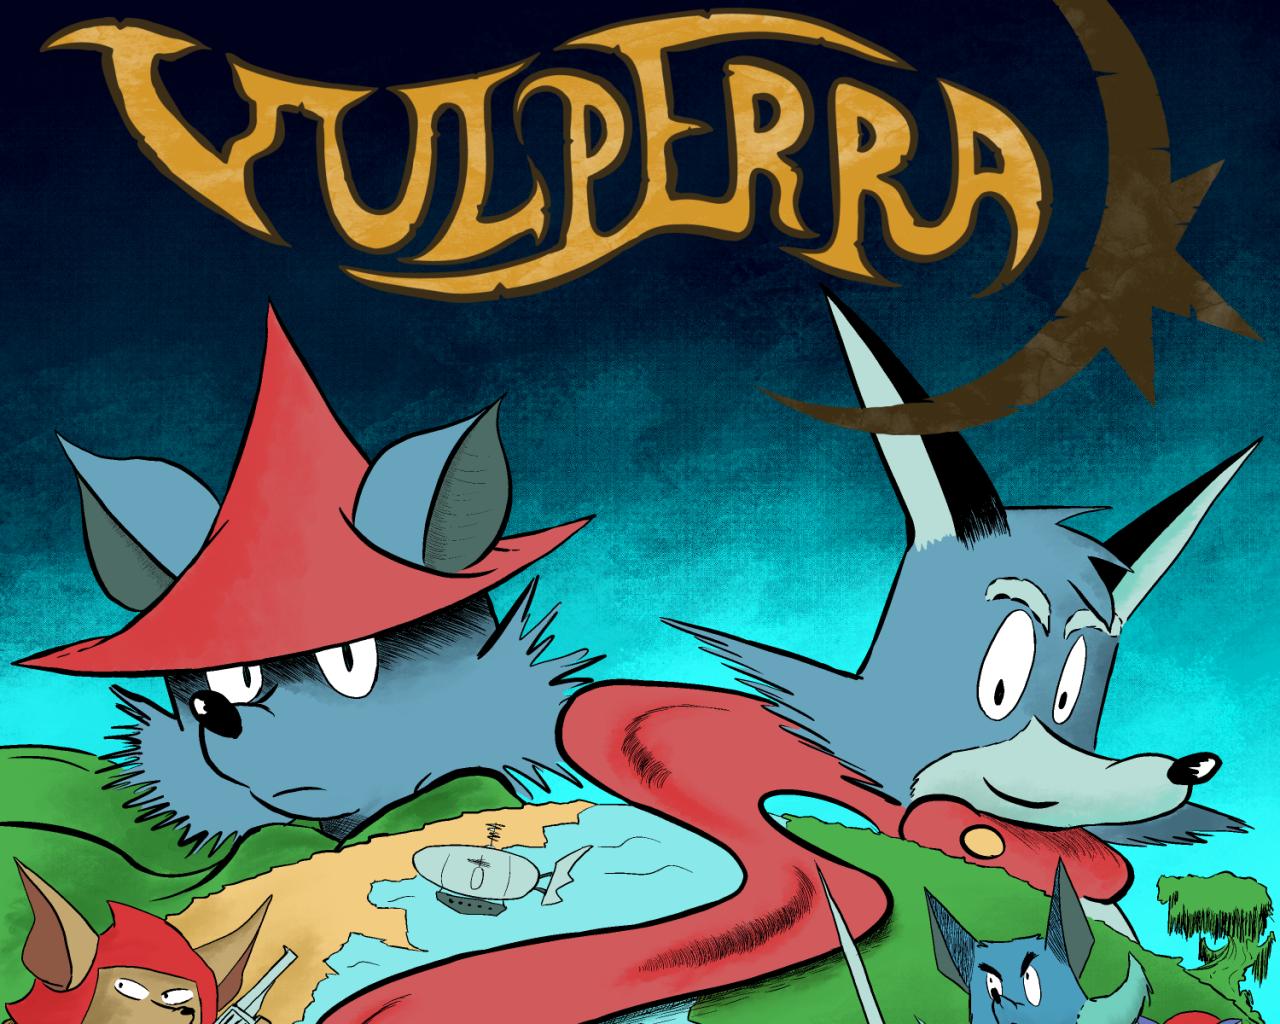 Poster Image for Vulperra